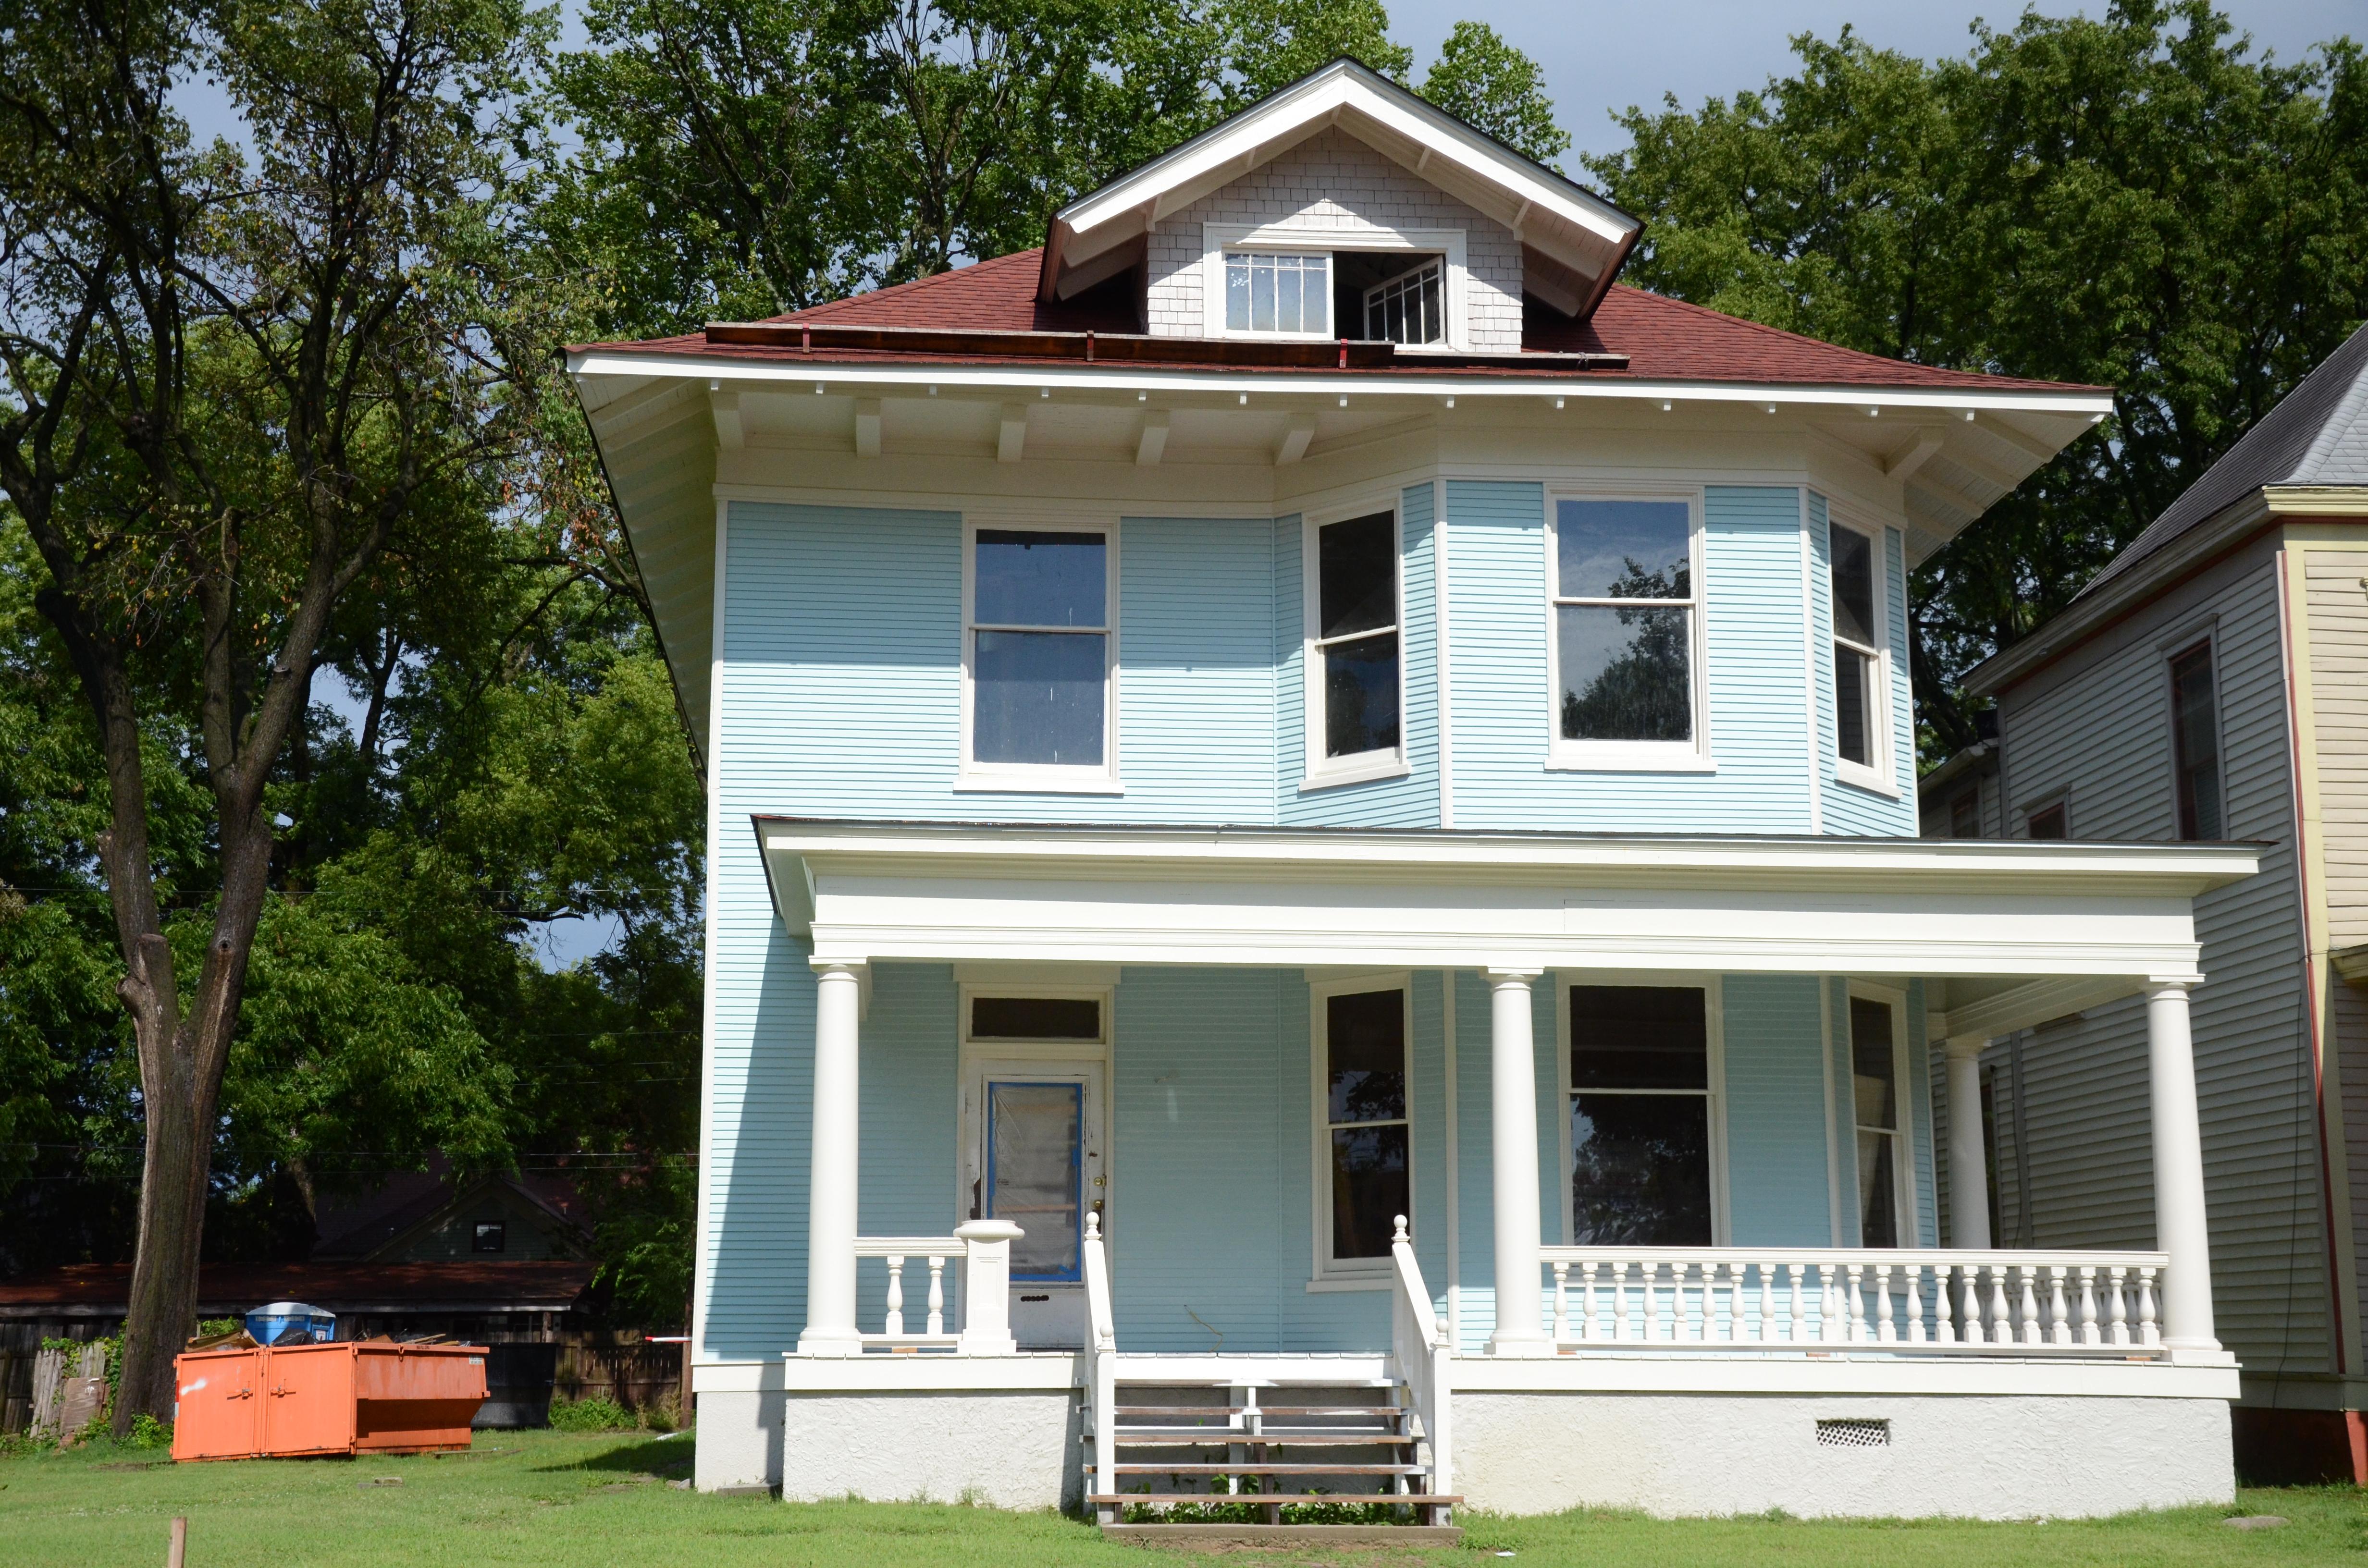 Houses for rent little rock ar house plan 2017 for Little rock custom home builders